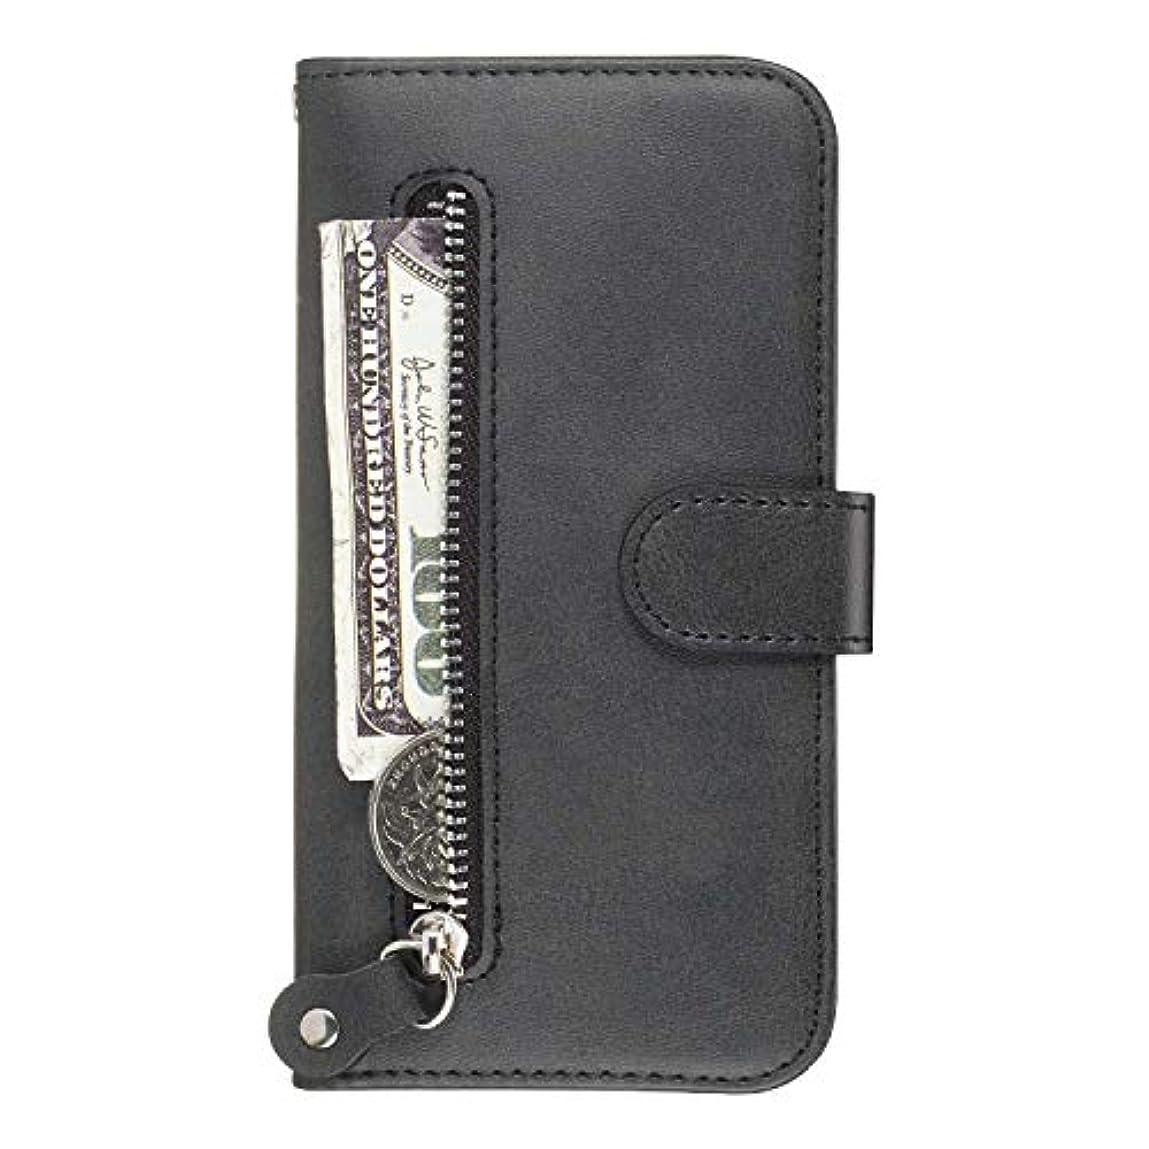 共和国腸アルコーブOMATENTI iPhone X/iPhone XS ケース, 軽量 PUレザー 薄型 簡約風 人気カバー バックケース iPhone X/iPhone XS 用 Case Cover, 液晶保護 カード収納, 財布と...